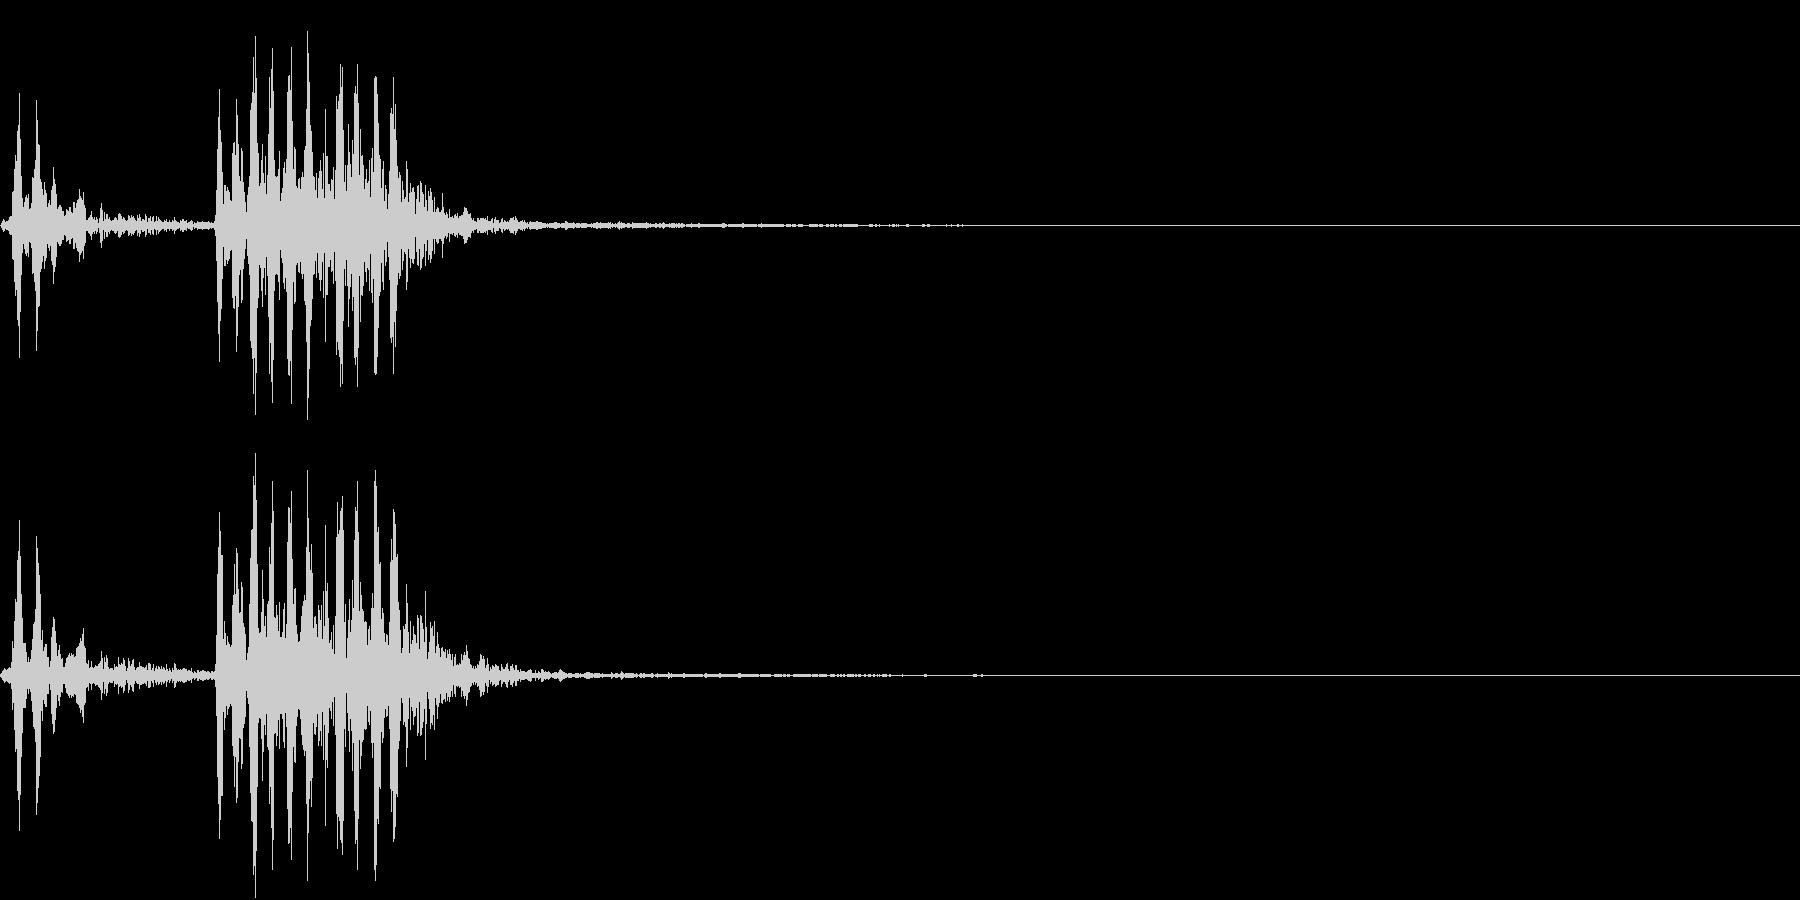 【生録音】フラミンゴの鳴き声 7の未再生の波形